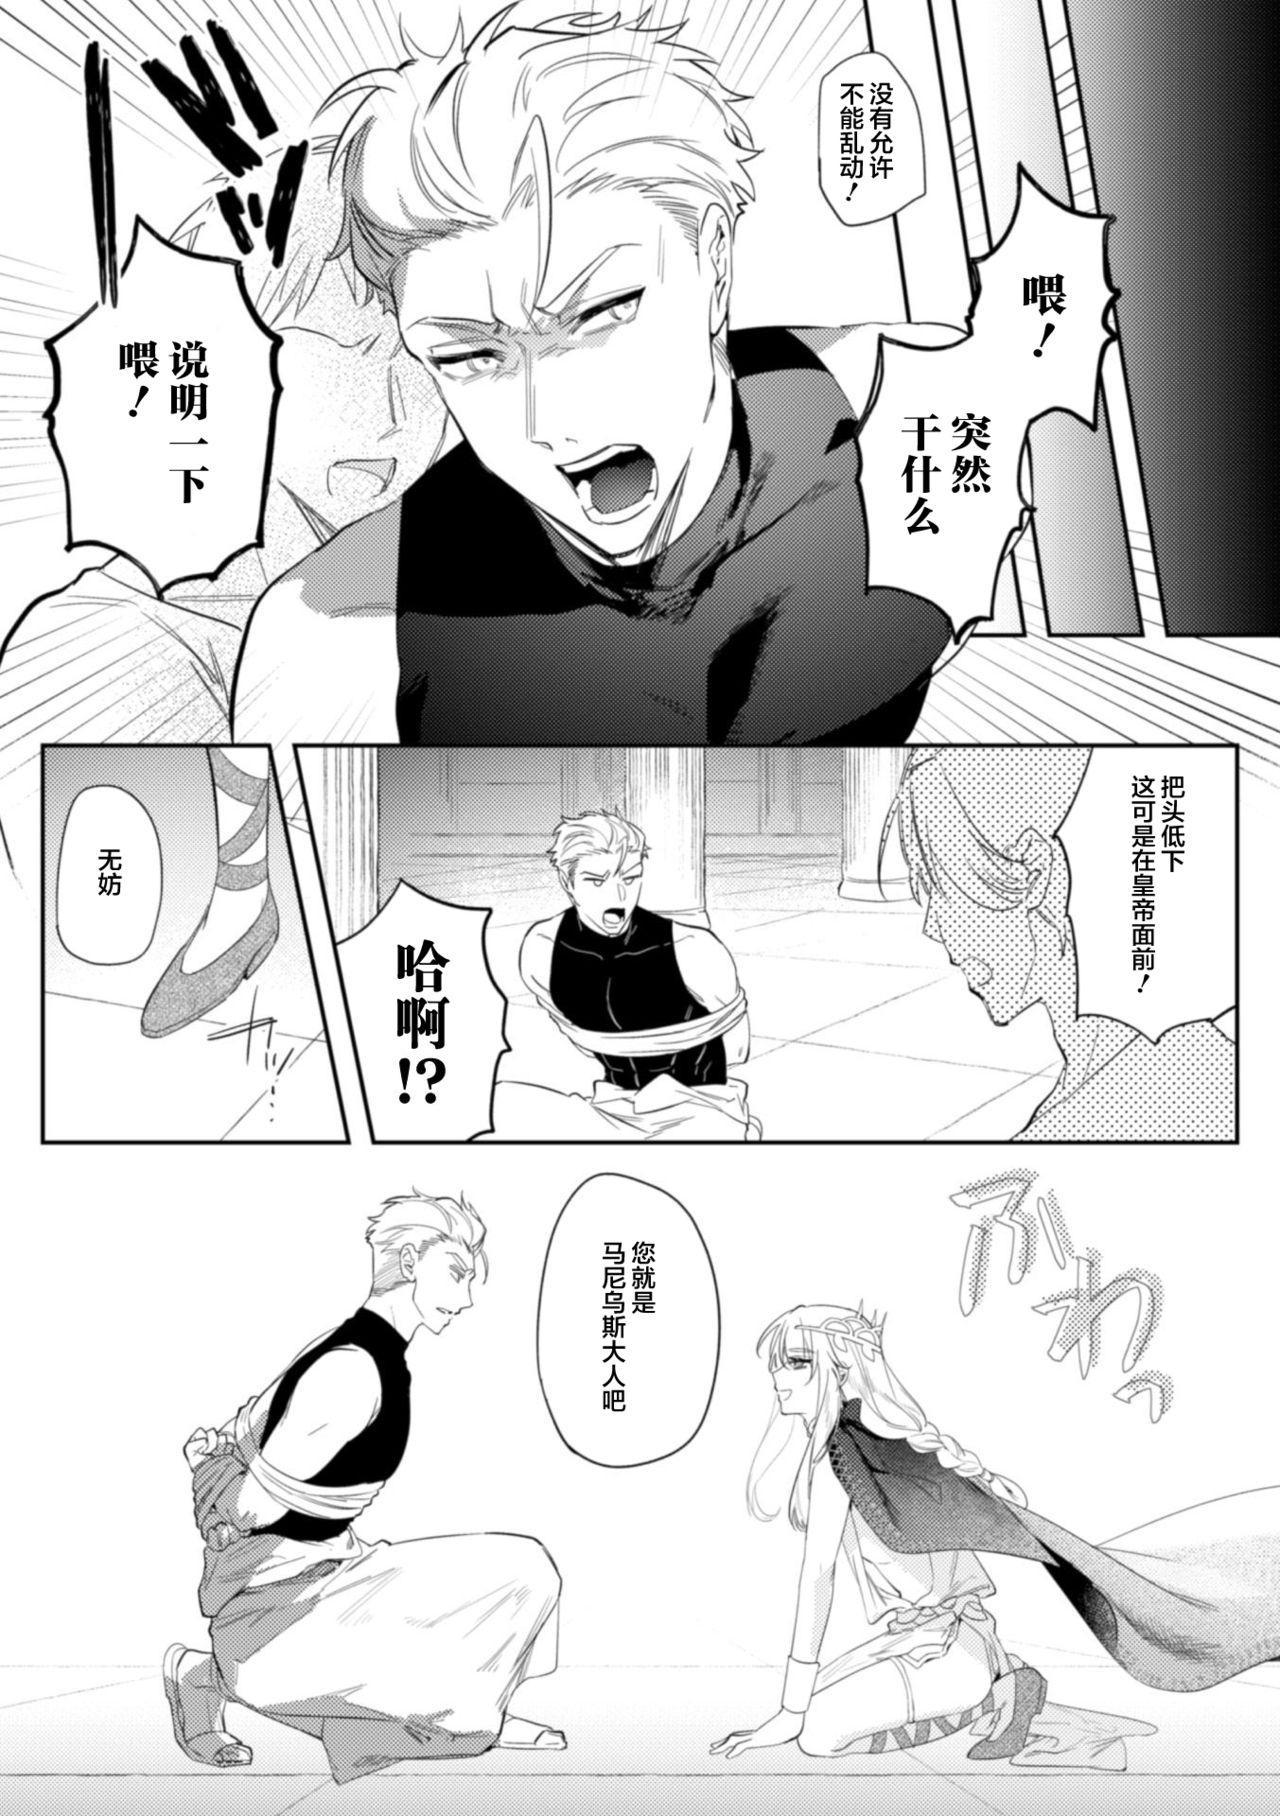 [Hagiyoshi] Intou Kyuuteishi ~Intei to Yobareta Bishounen~ Ch. 2Chinese]【不可视汉化】 10